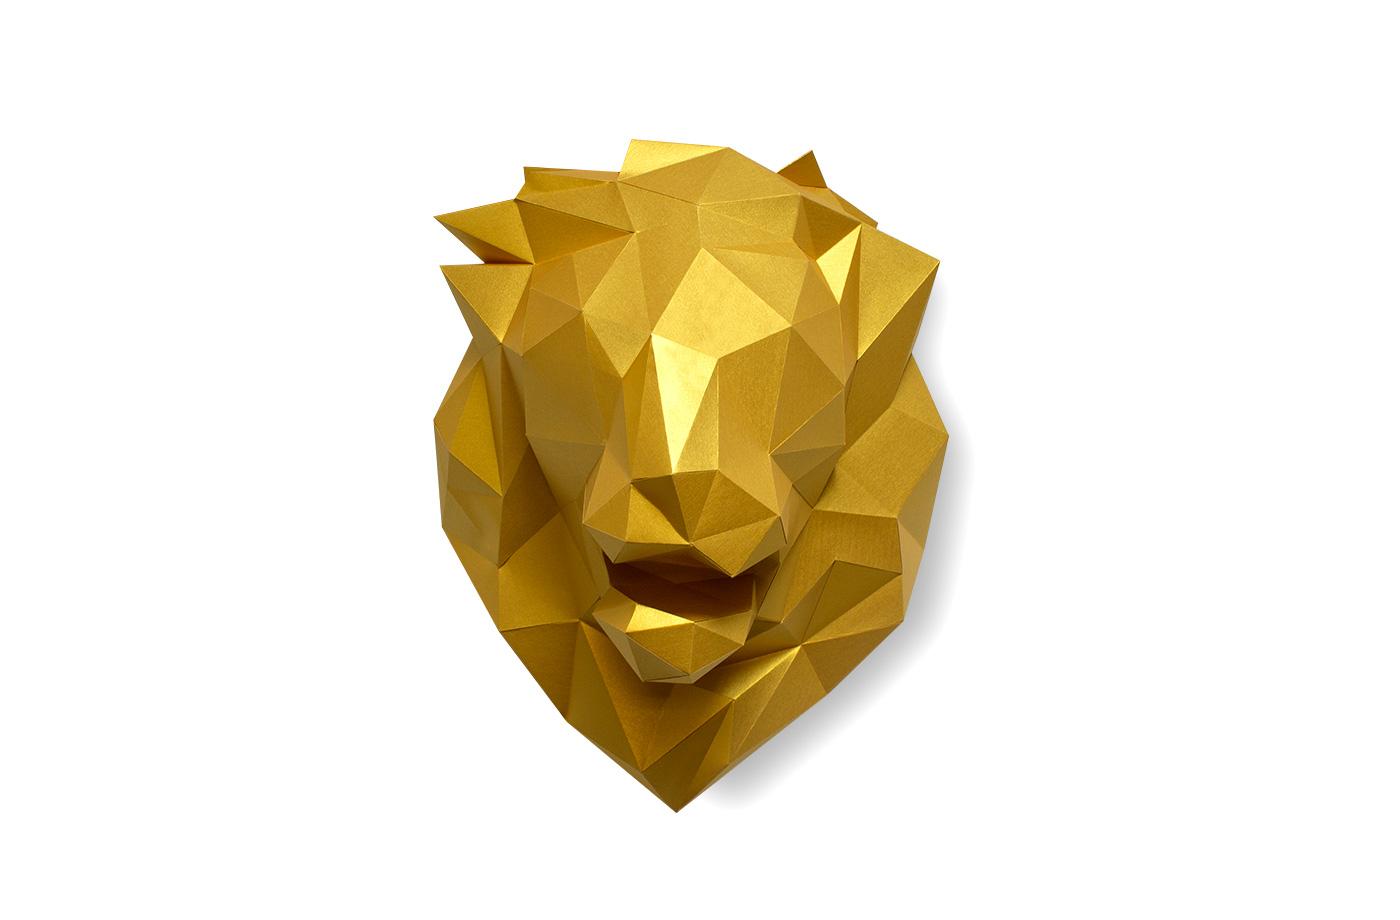 Tête de lion en papier 3d 7 3650049002854